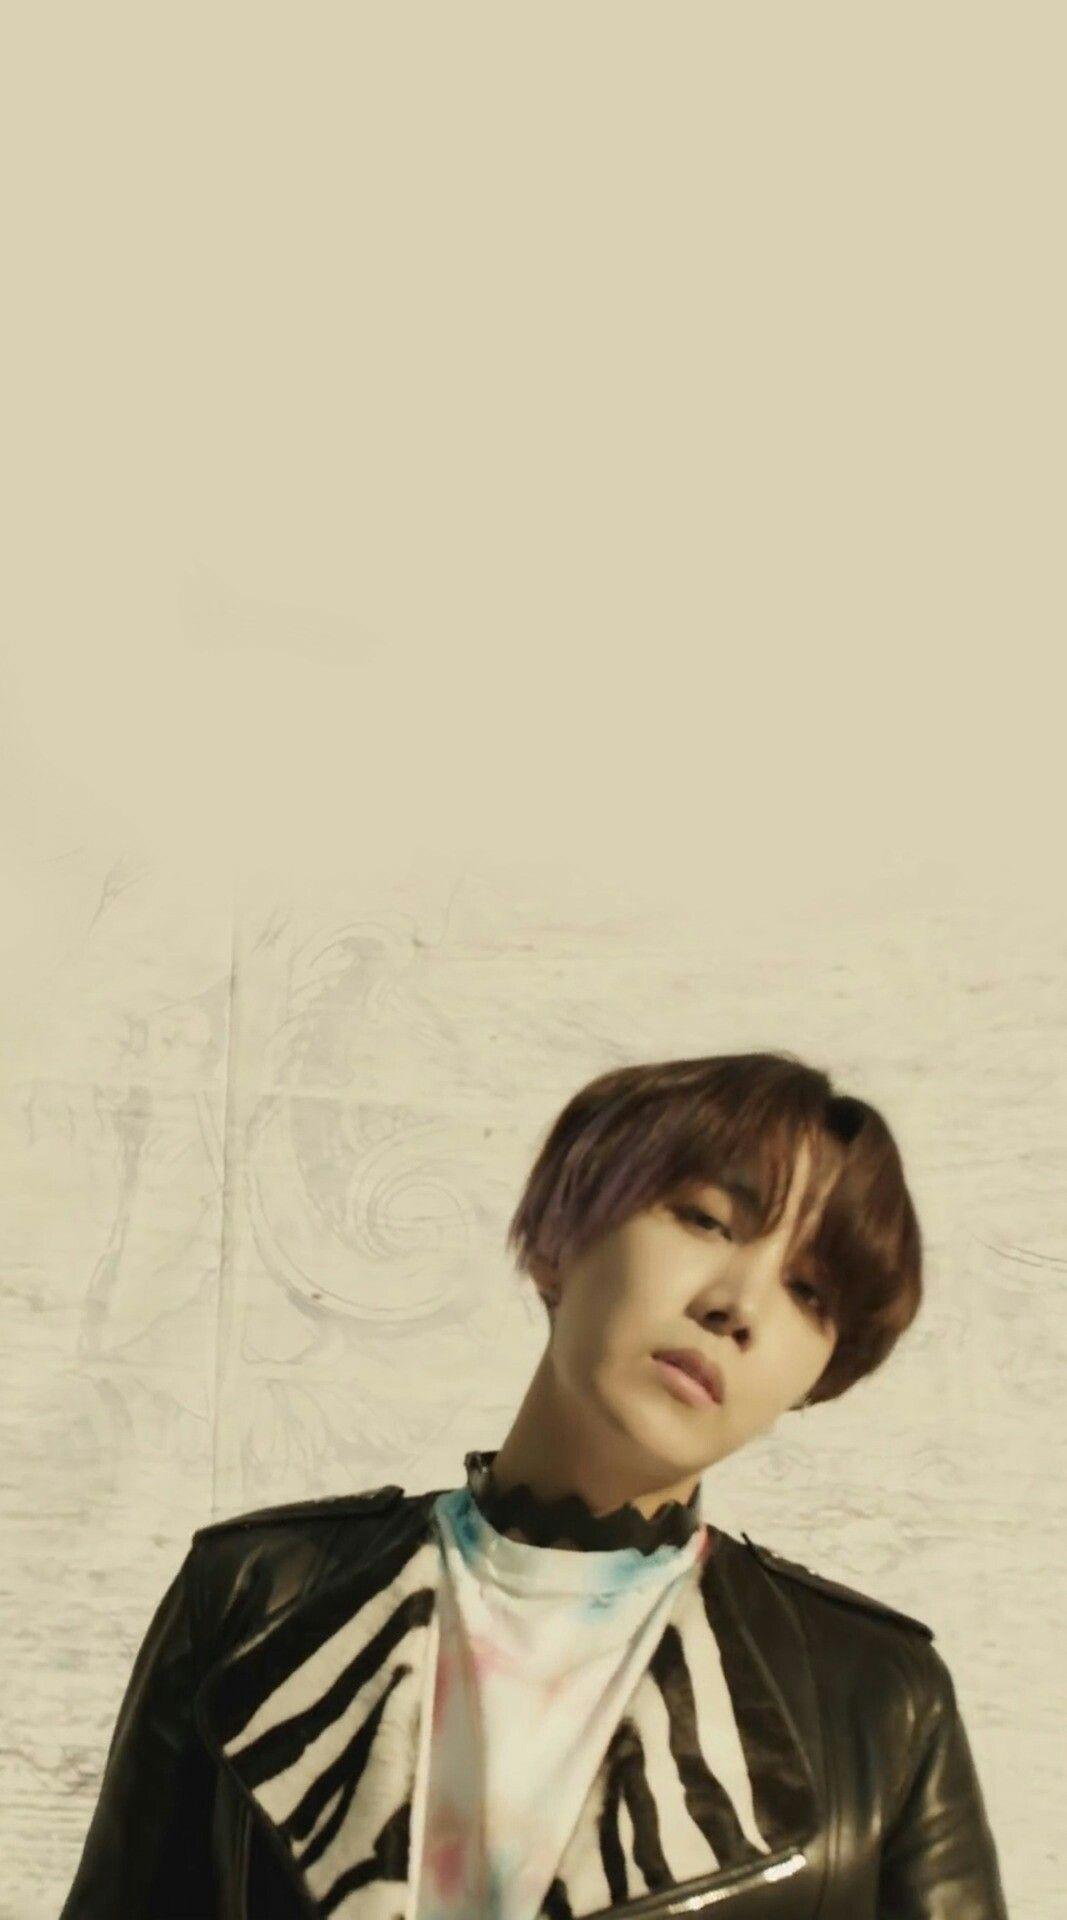 Bts Fake Love Jhope Wallpaper Photoshoot Bts Album Bts